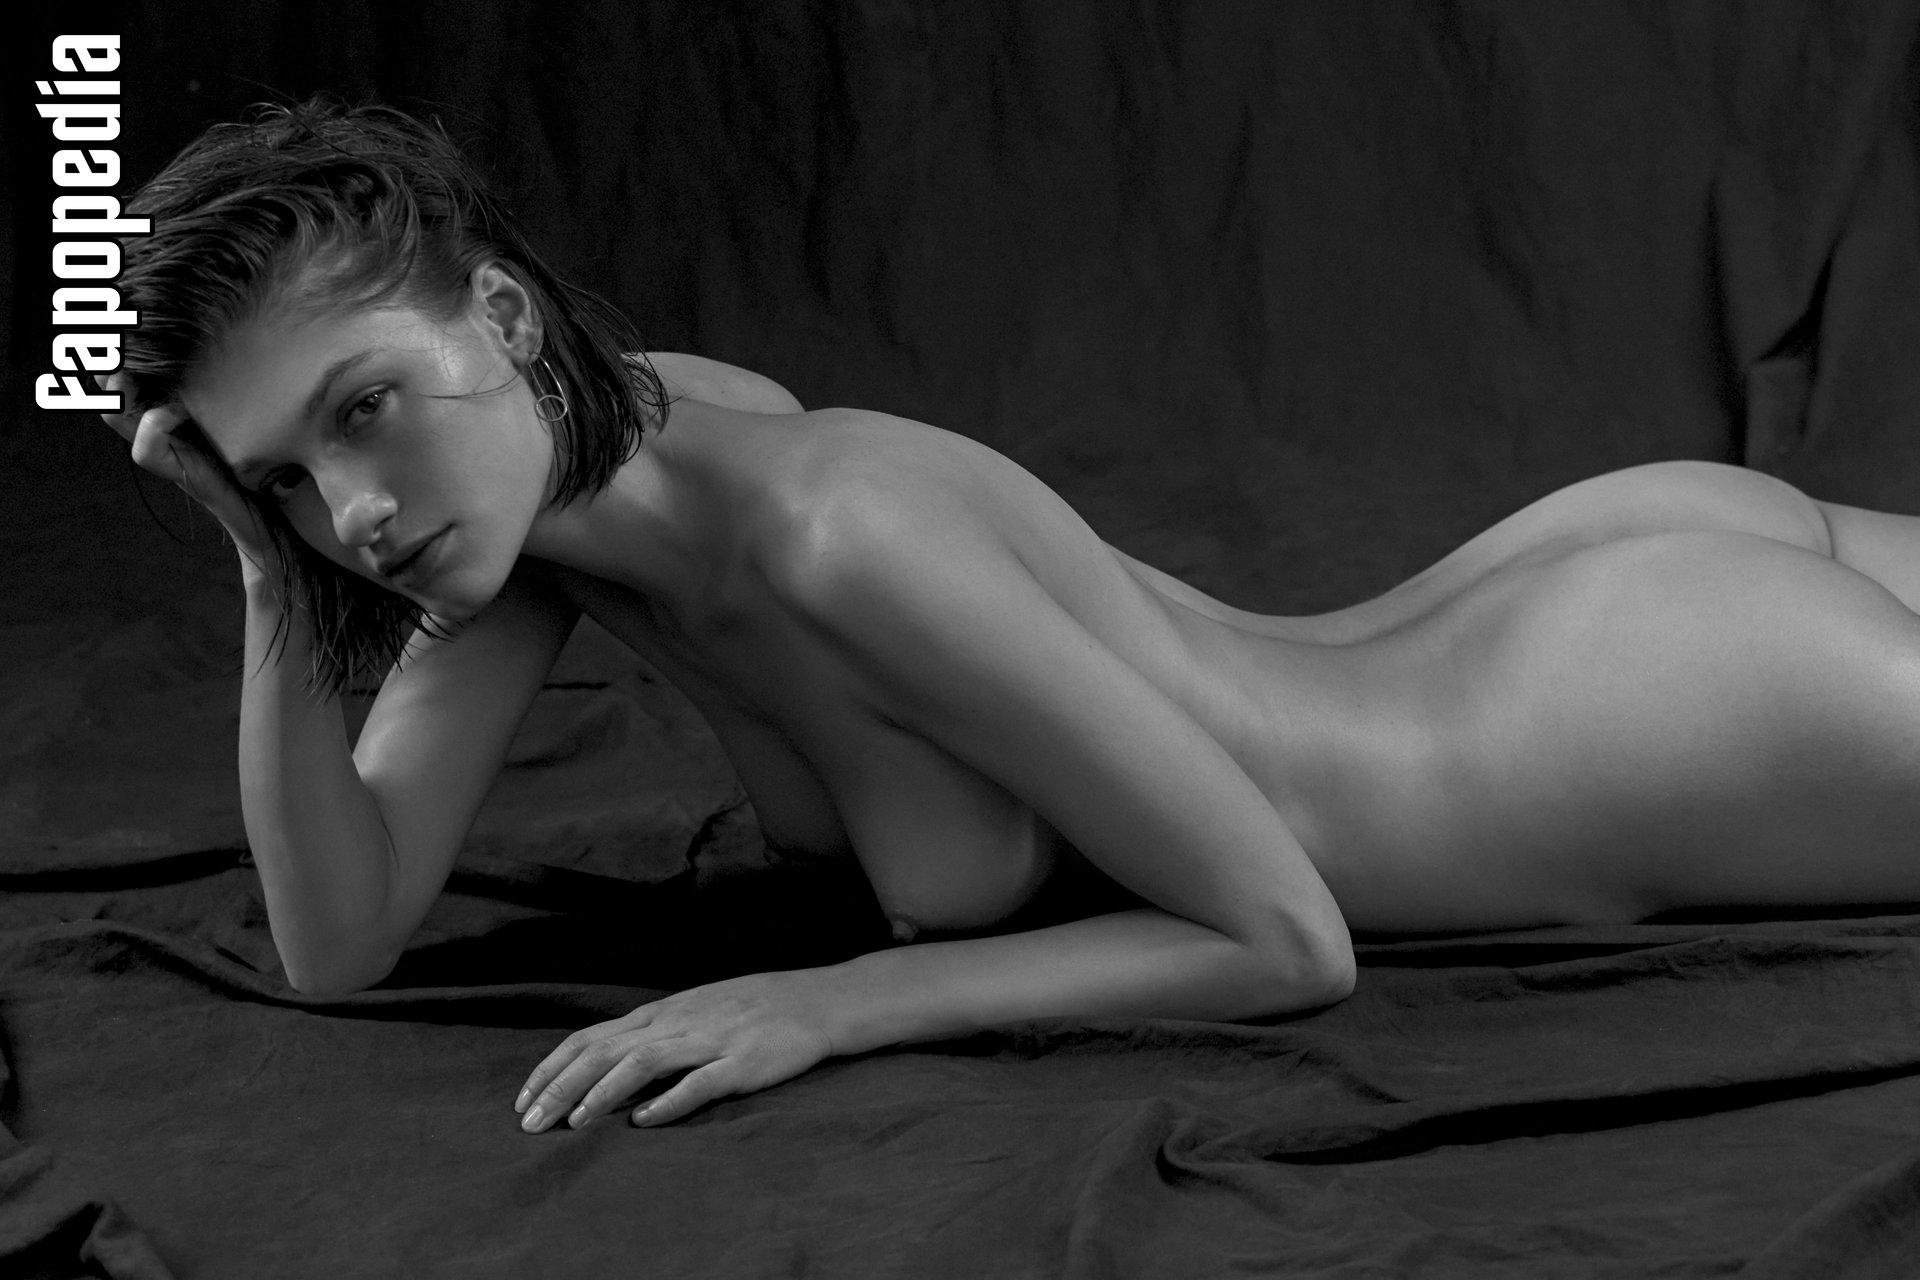 Anna F Nude Leaks